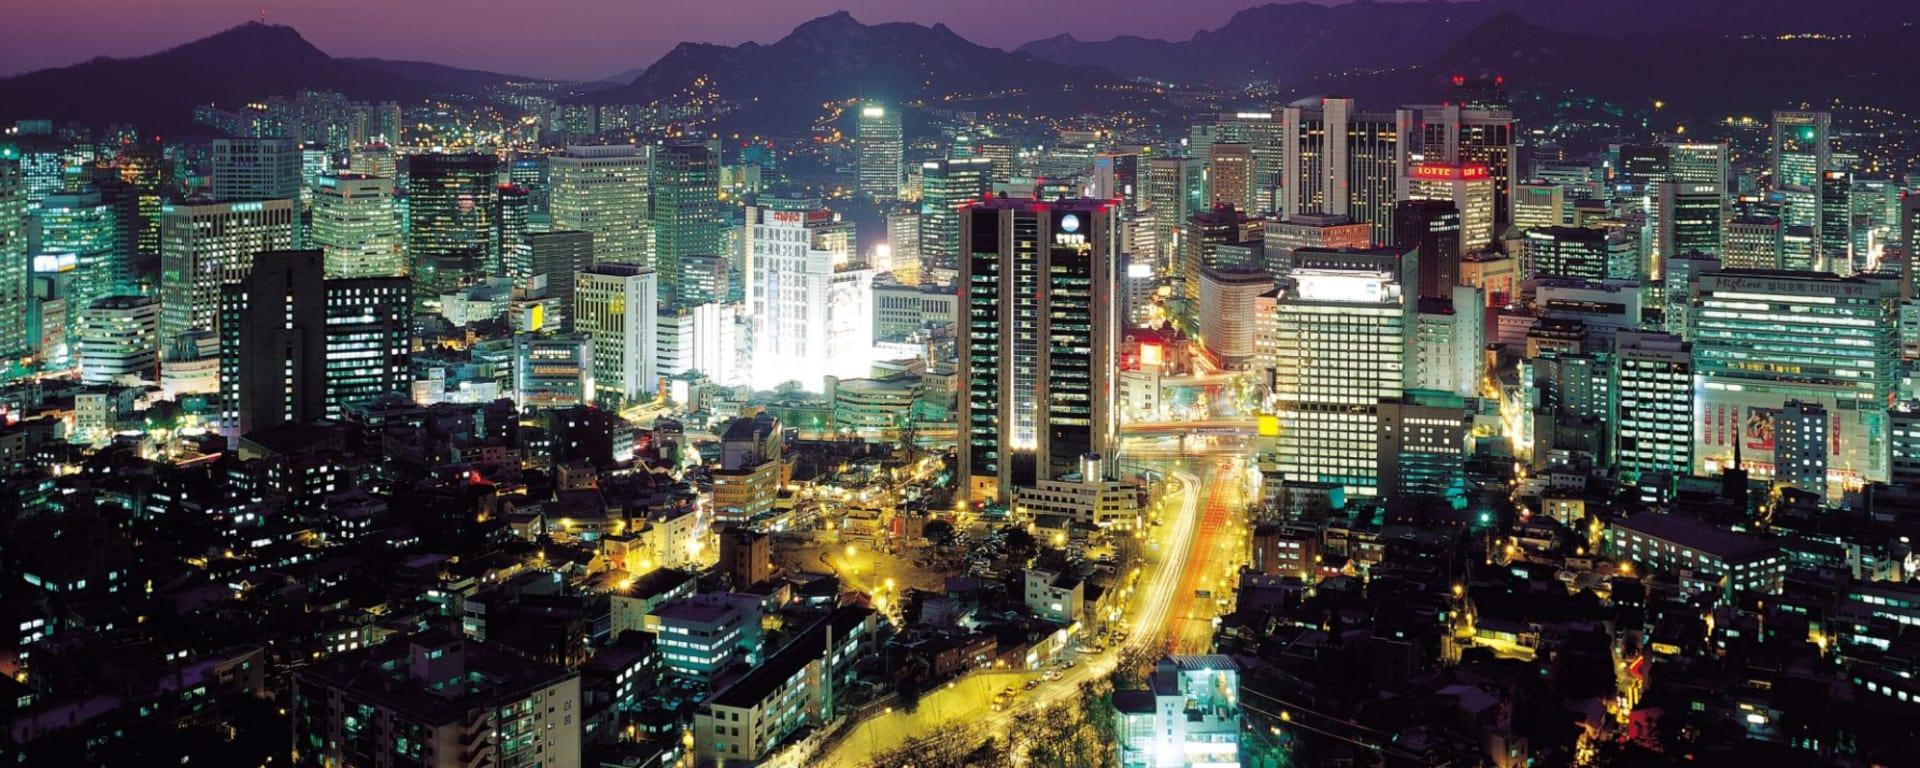 Wissenswertes zu Südkorea Reisen und Ferien: Seoul by night